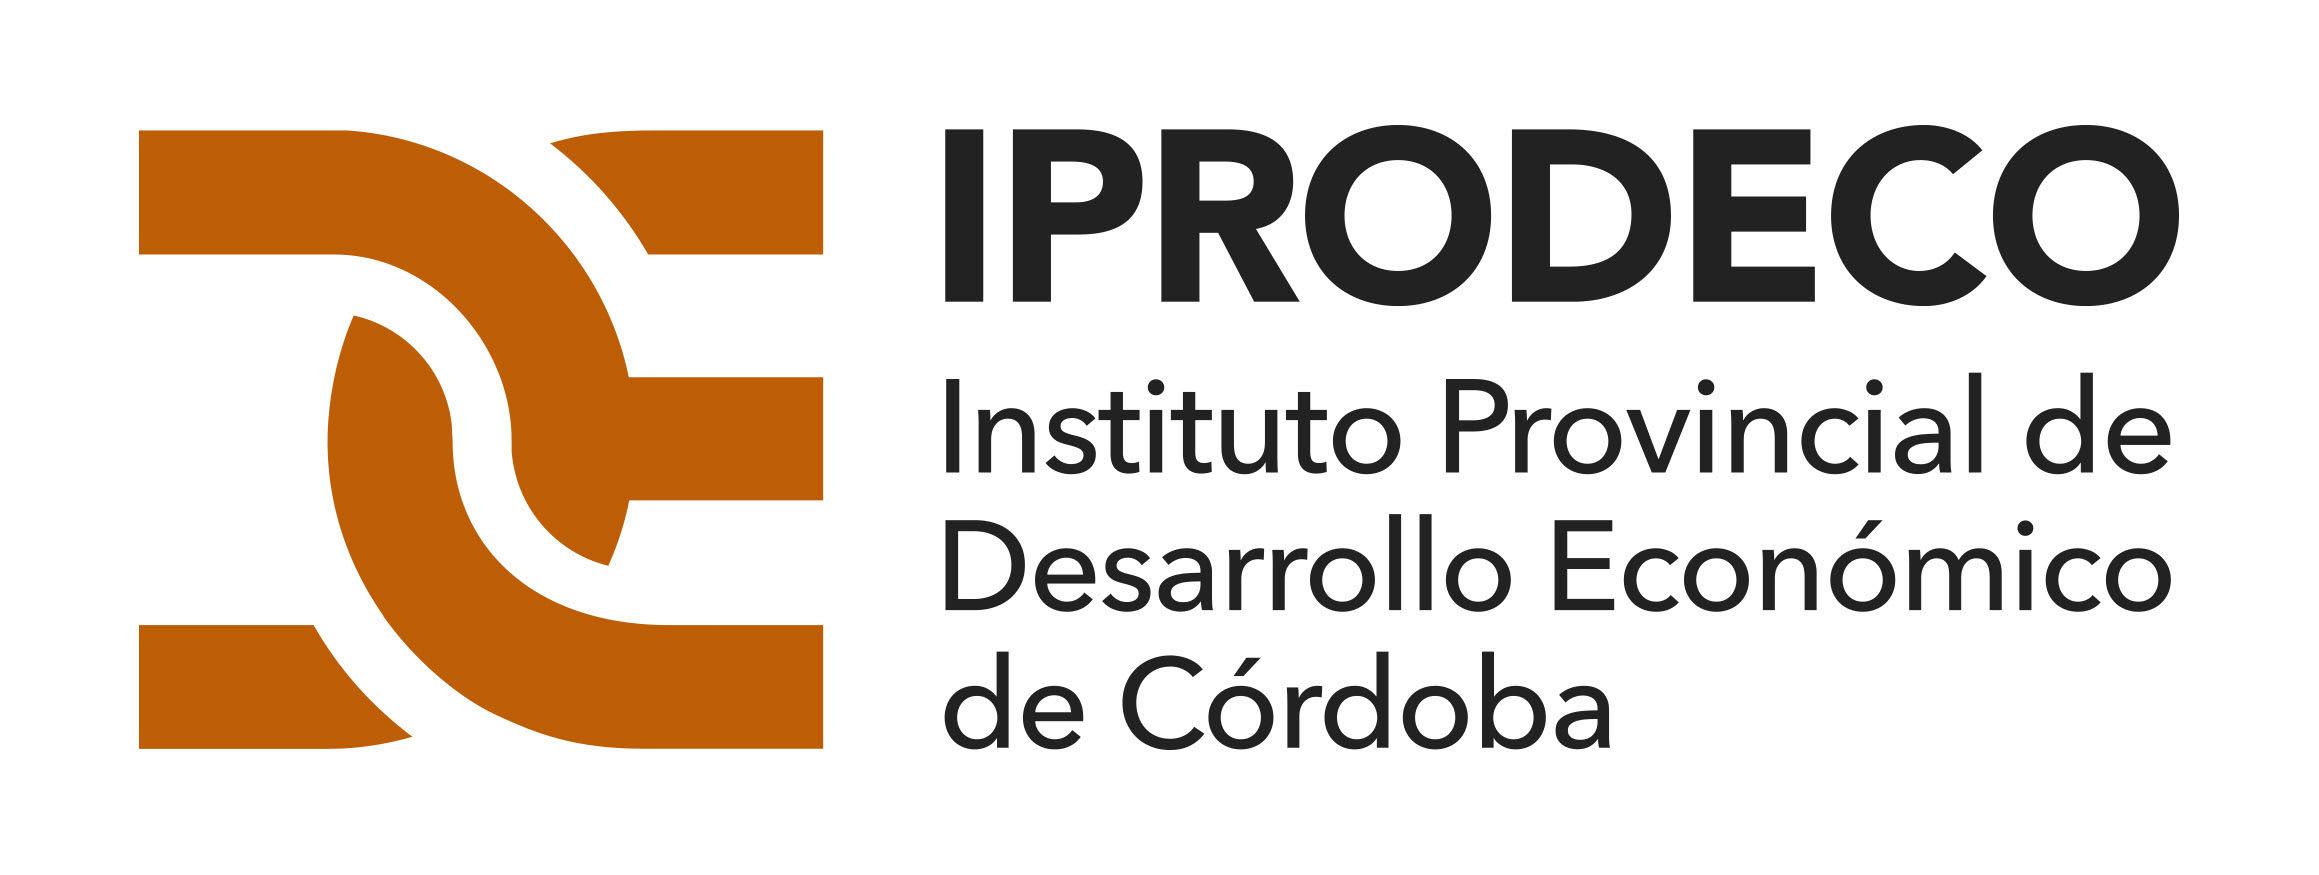 IPRODECO